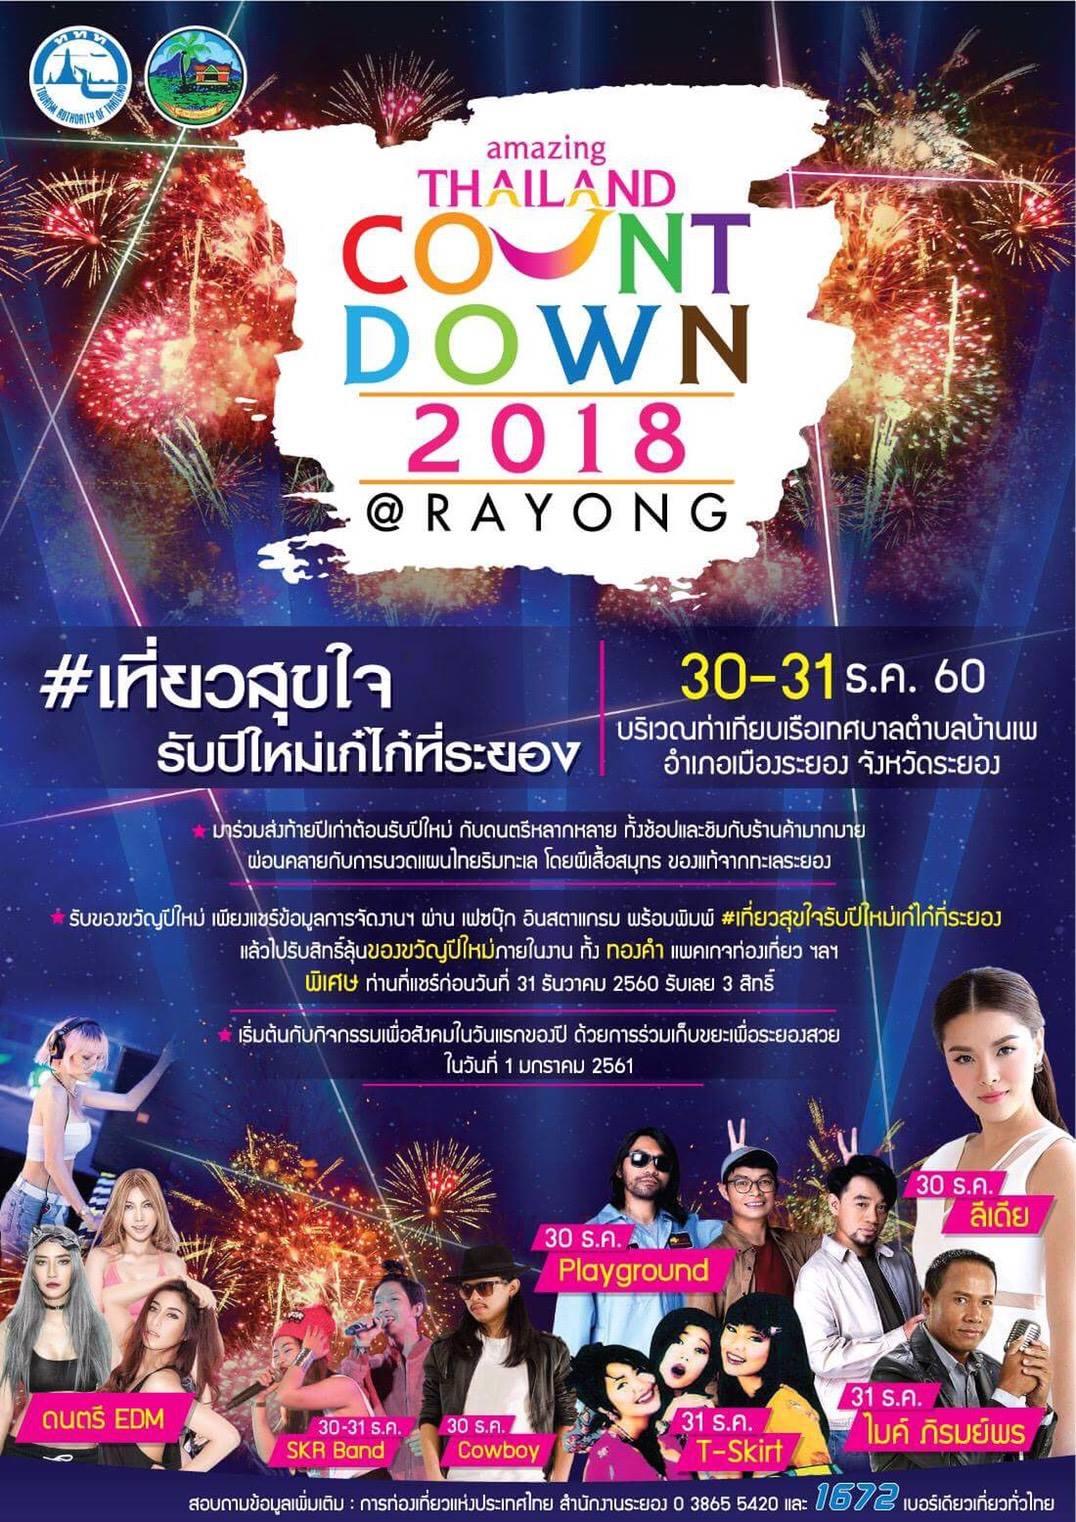 เทศกาลปีใหม่ 2561 Amazing Thailand Countdown 2018 @ ระยอง ณ ท่าเทียบเรือเทศบาลตำบลบ้านเพ